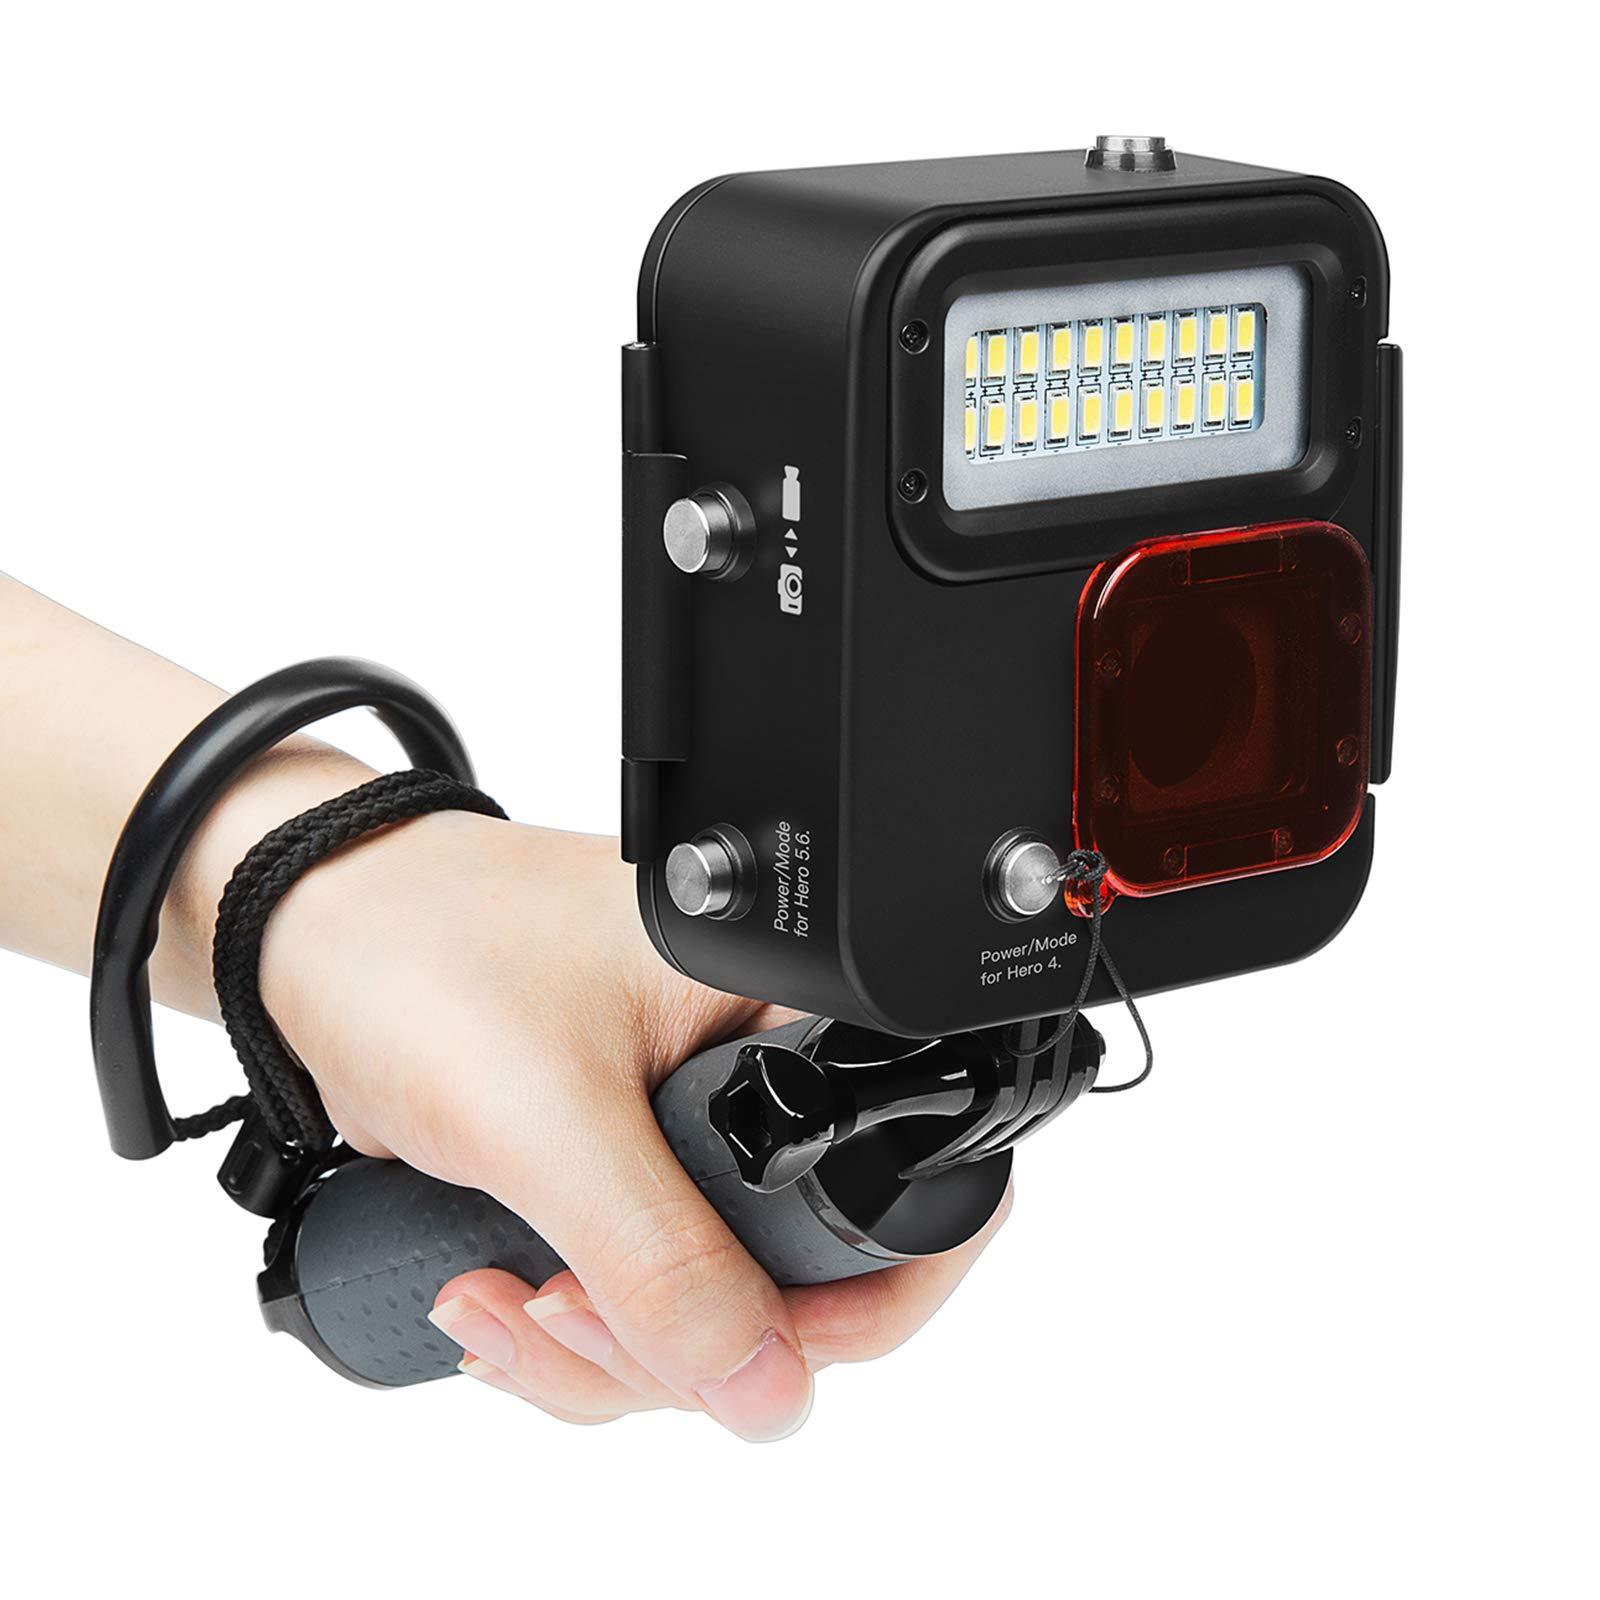 SHOOT 1000LM Kangaroo Diving Light for GoPro HERO7 Black/HERO6/HERO5/HERO4/HERO(2018),Waterproof Case 30m (98 feet), LED Underwater Scuba Fill Light,Removeble Red Filter by SHOOT